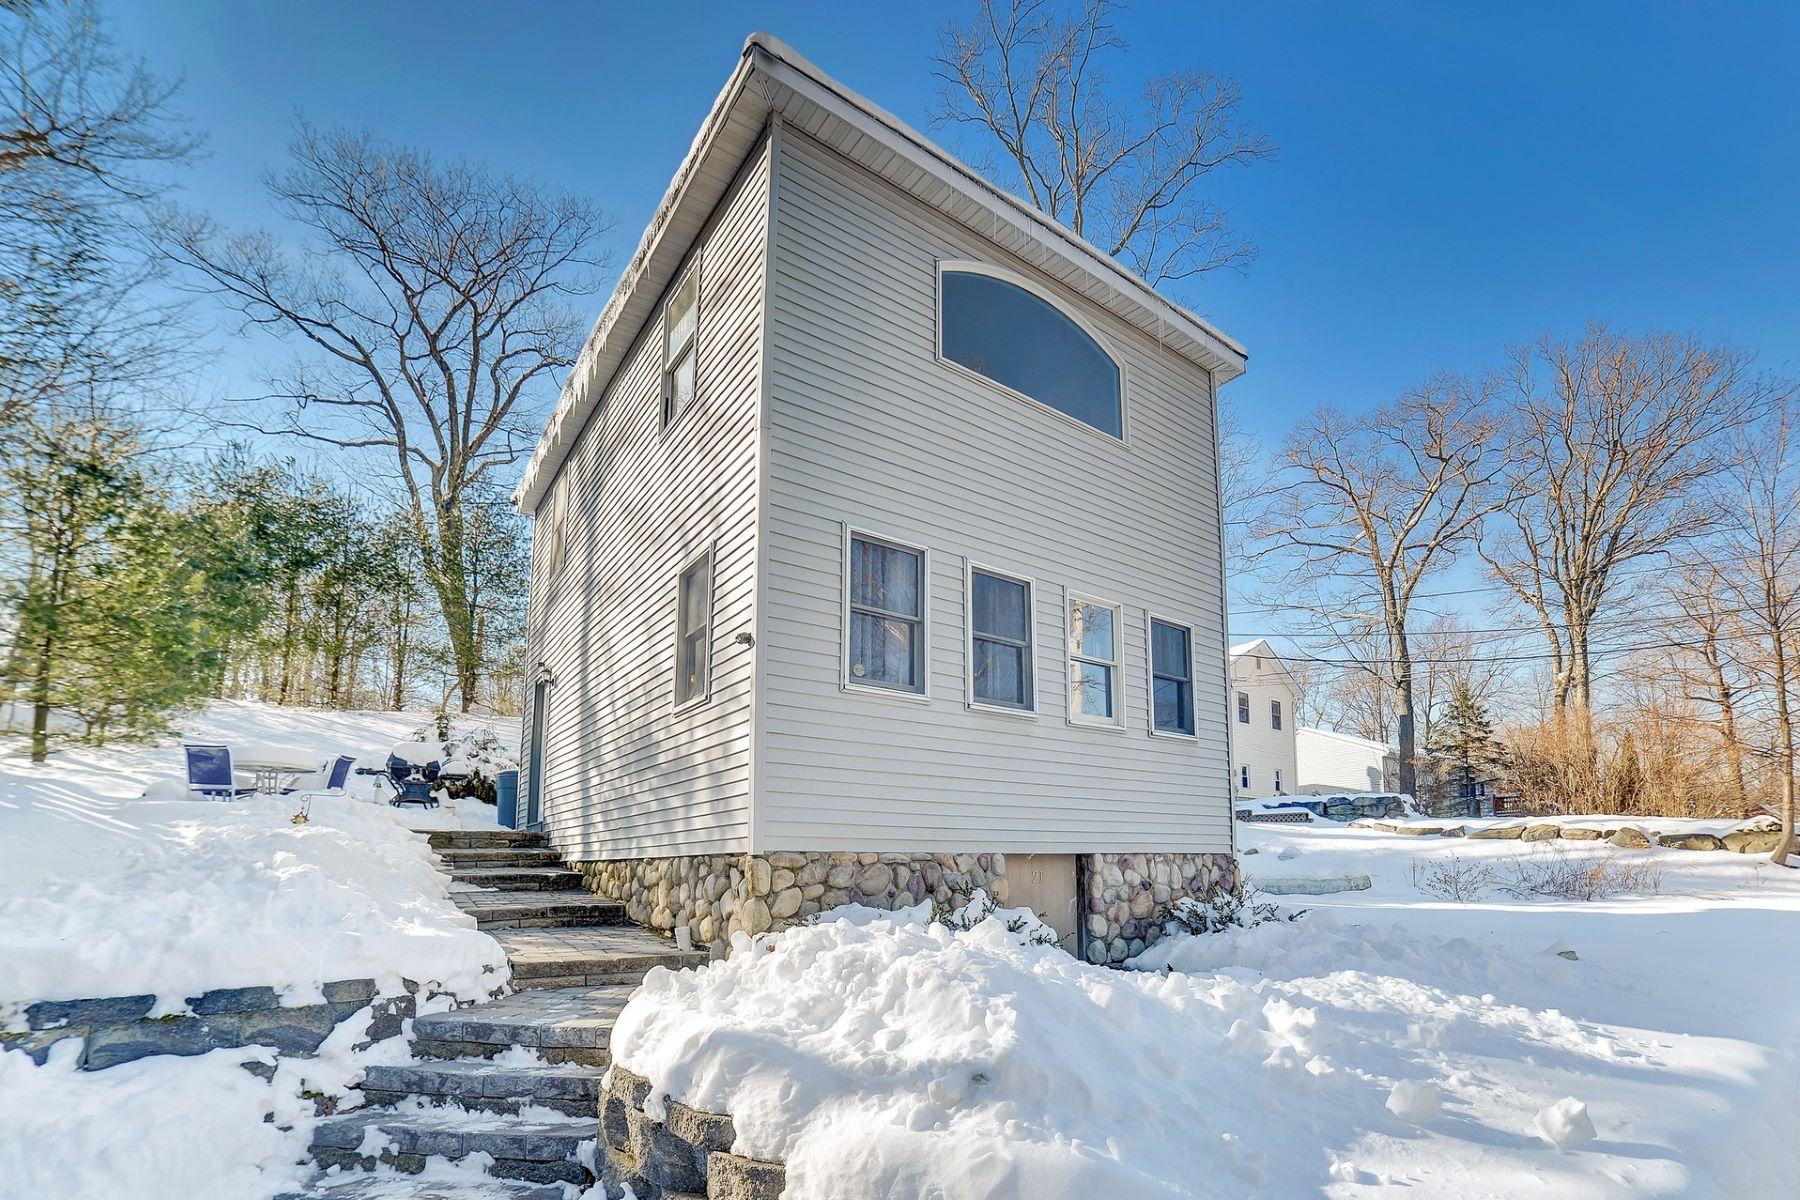 独户住宅 为 销售 在 Seasonal Lake Views! 21 Tansboro Road, 西米尔福德, 新泽西州 07421 美国